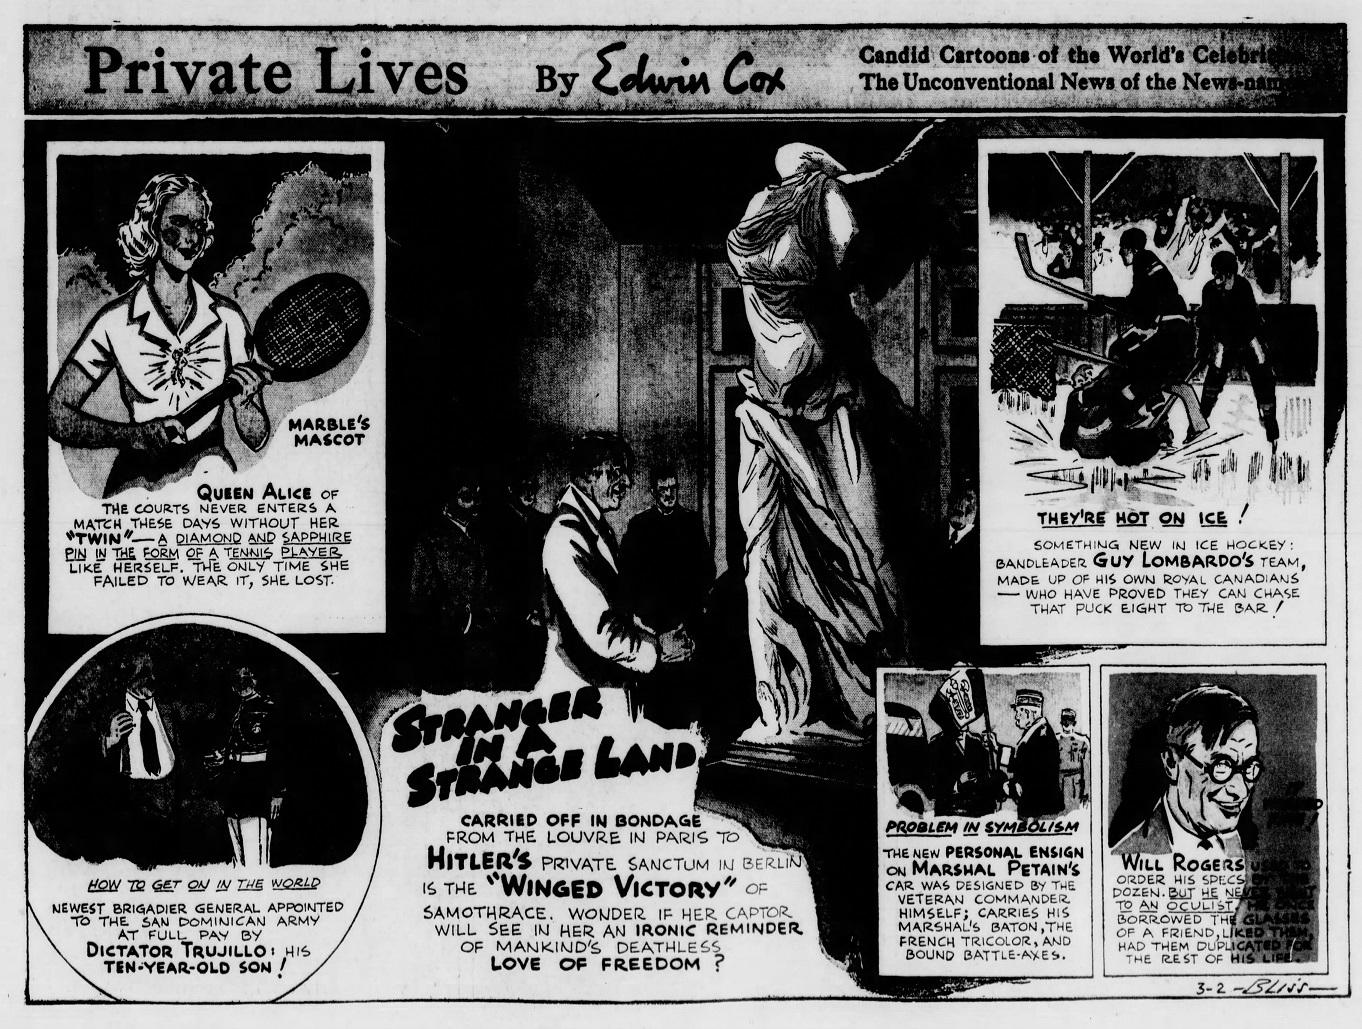 The_Brooklyn_Daily_Eagle_Sun__Mar_2__1941_(8).jpg